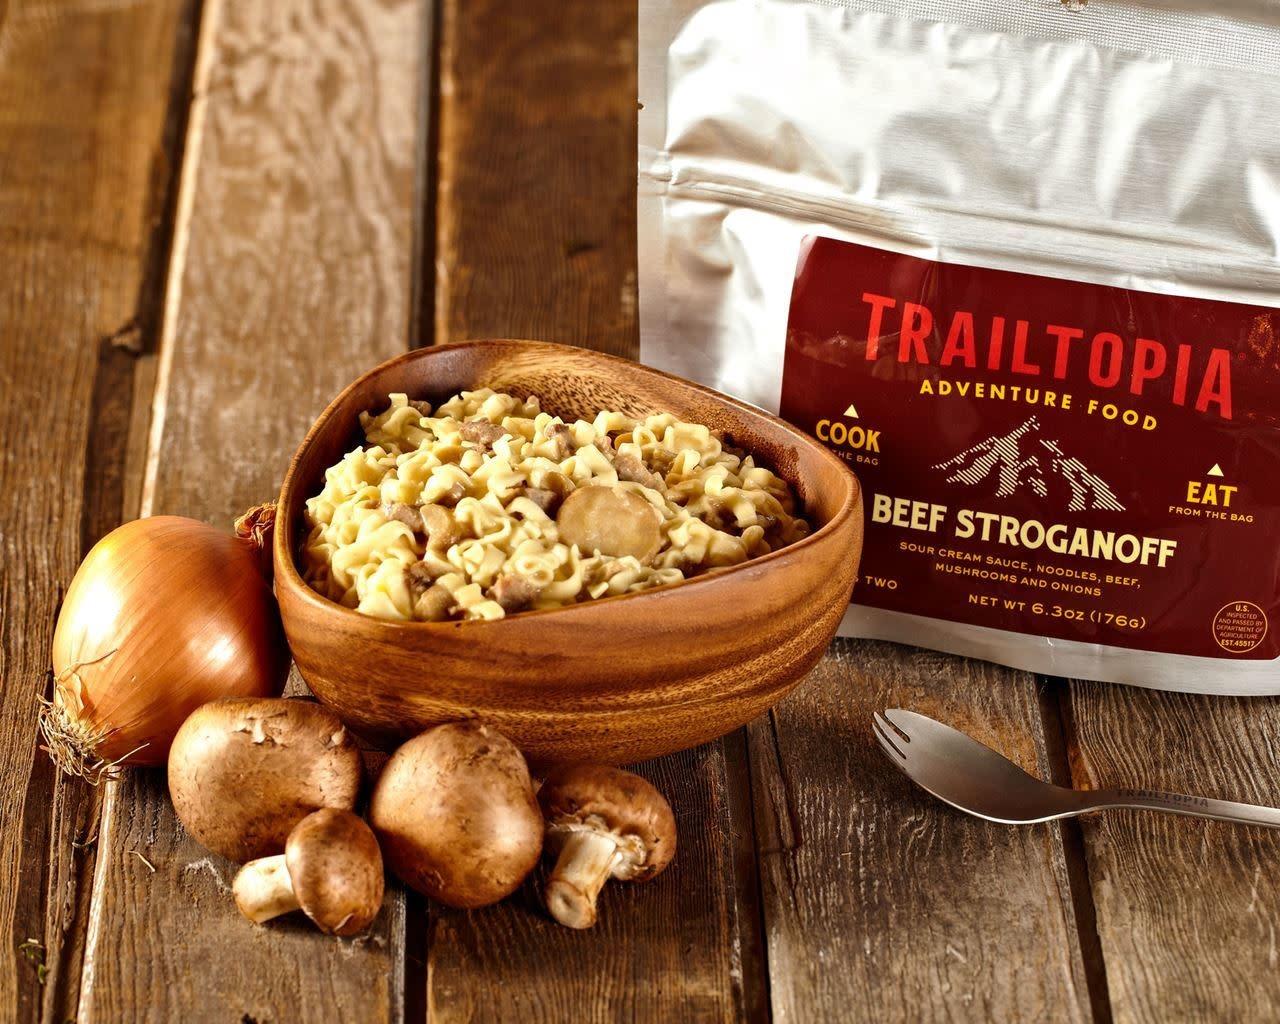 Trailtopia Trailtopia Beef Stroganoff